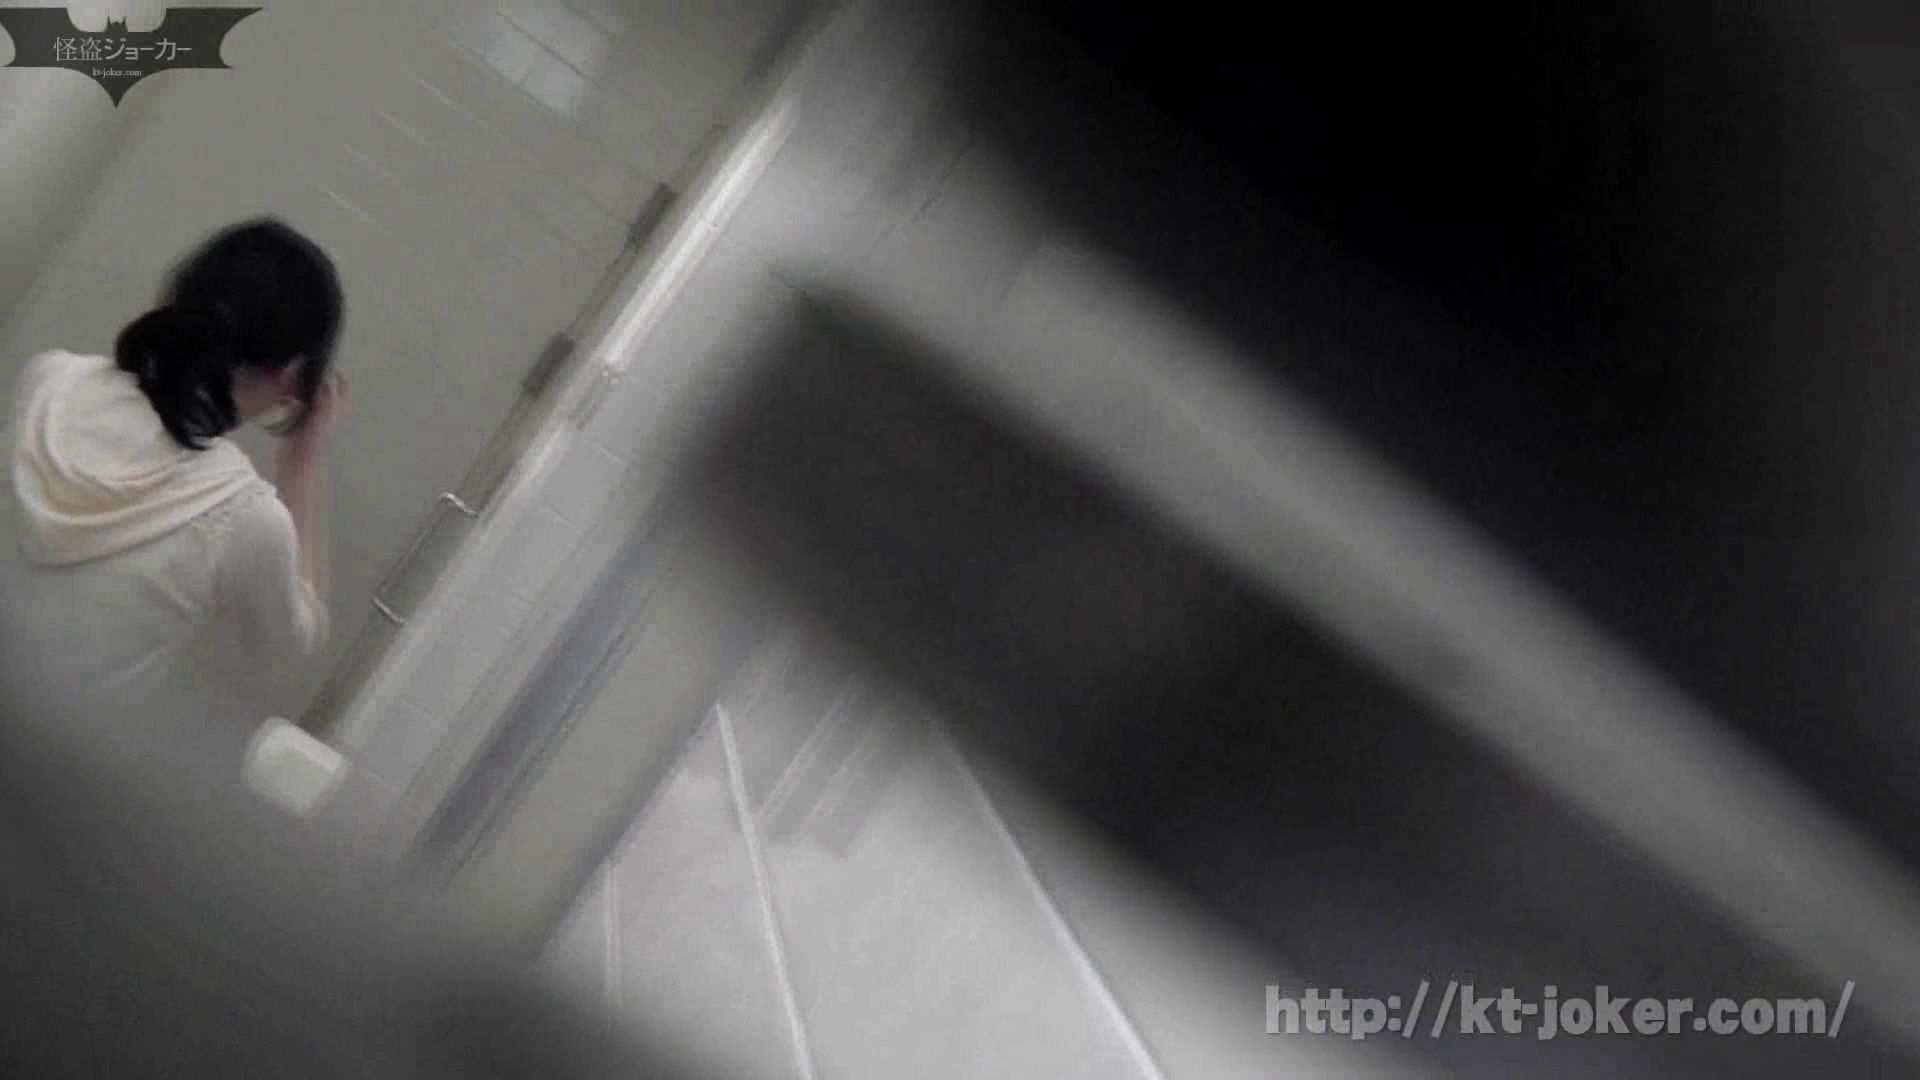 命がけ潜伏洗面所! vol.49 高値更新!EUで育った日本人 プライベート 盗撮動画紹介 98画像 5